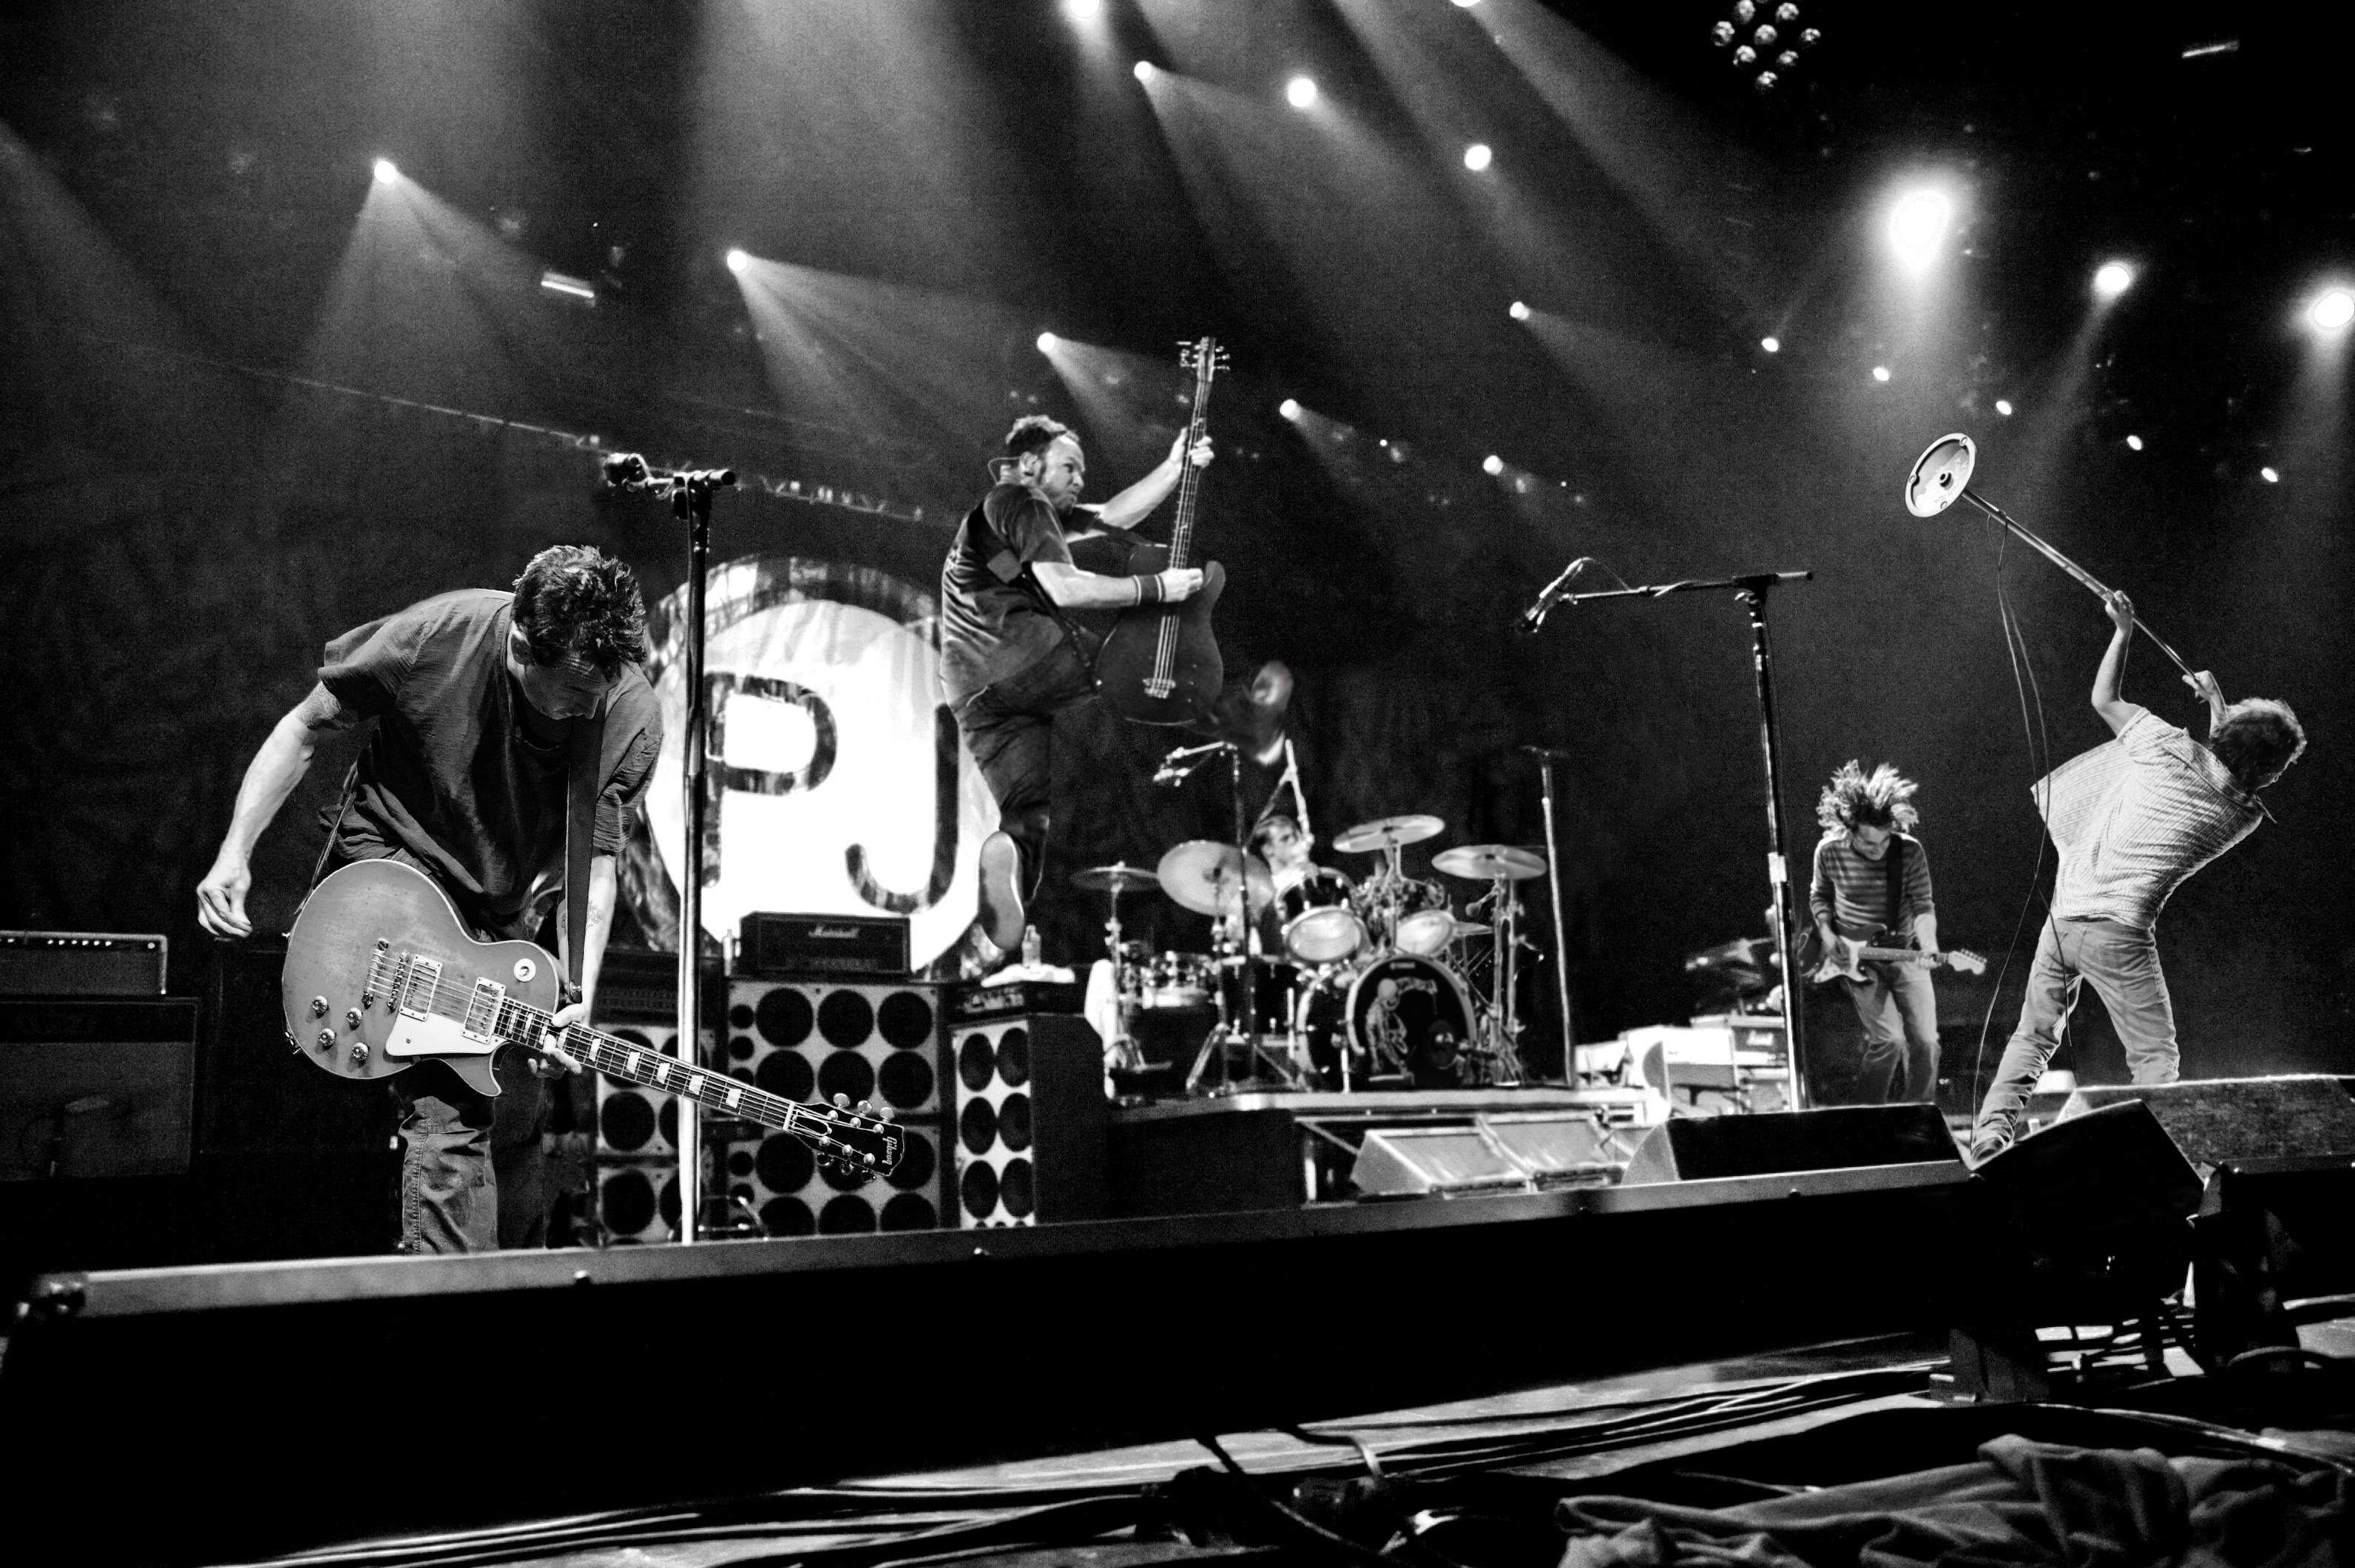 Приват записи rockbaby 23 фотография